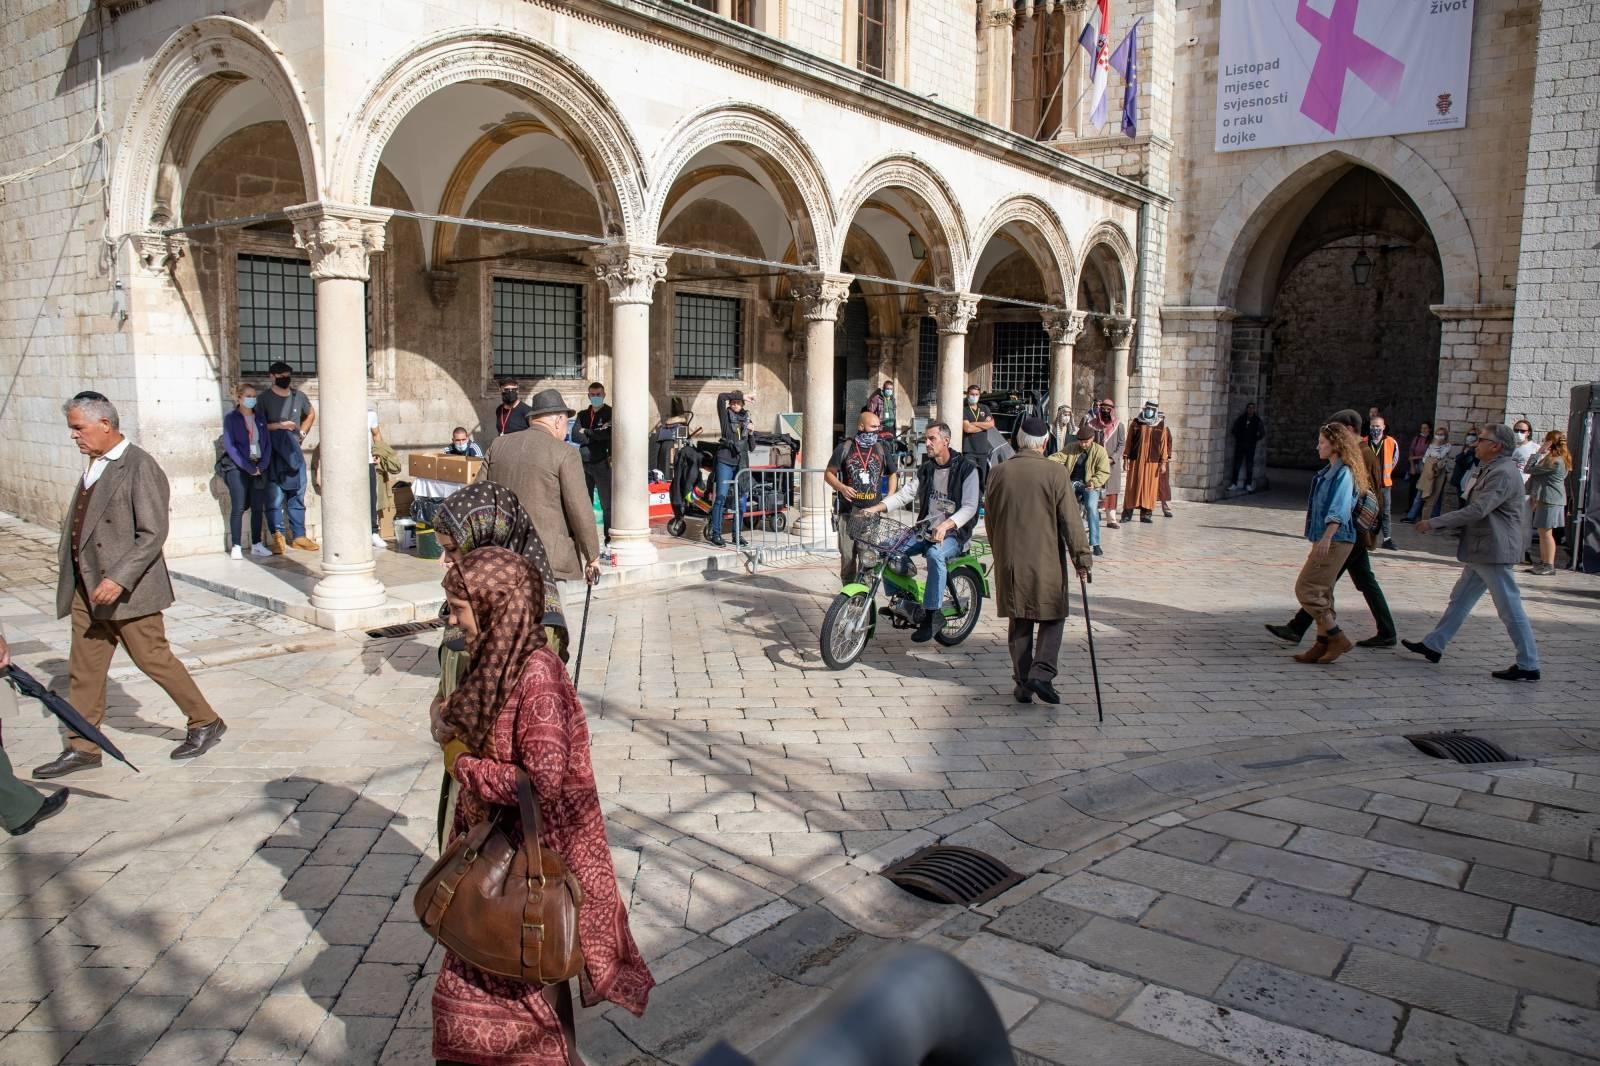 Dubrovnik: Počelo snimanje filma Oslo u kojem glumi Andrew Scott, poznatiji kao Moriarty iz Sherlocka